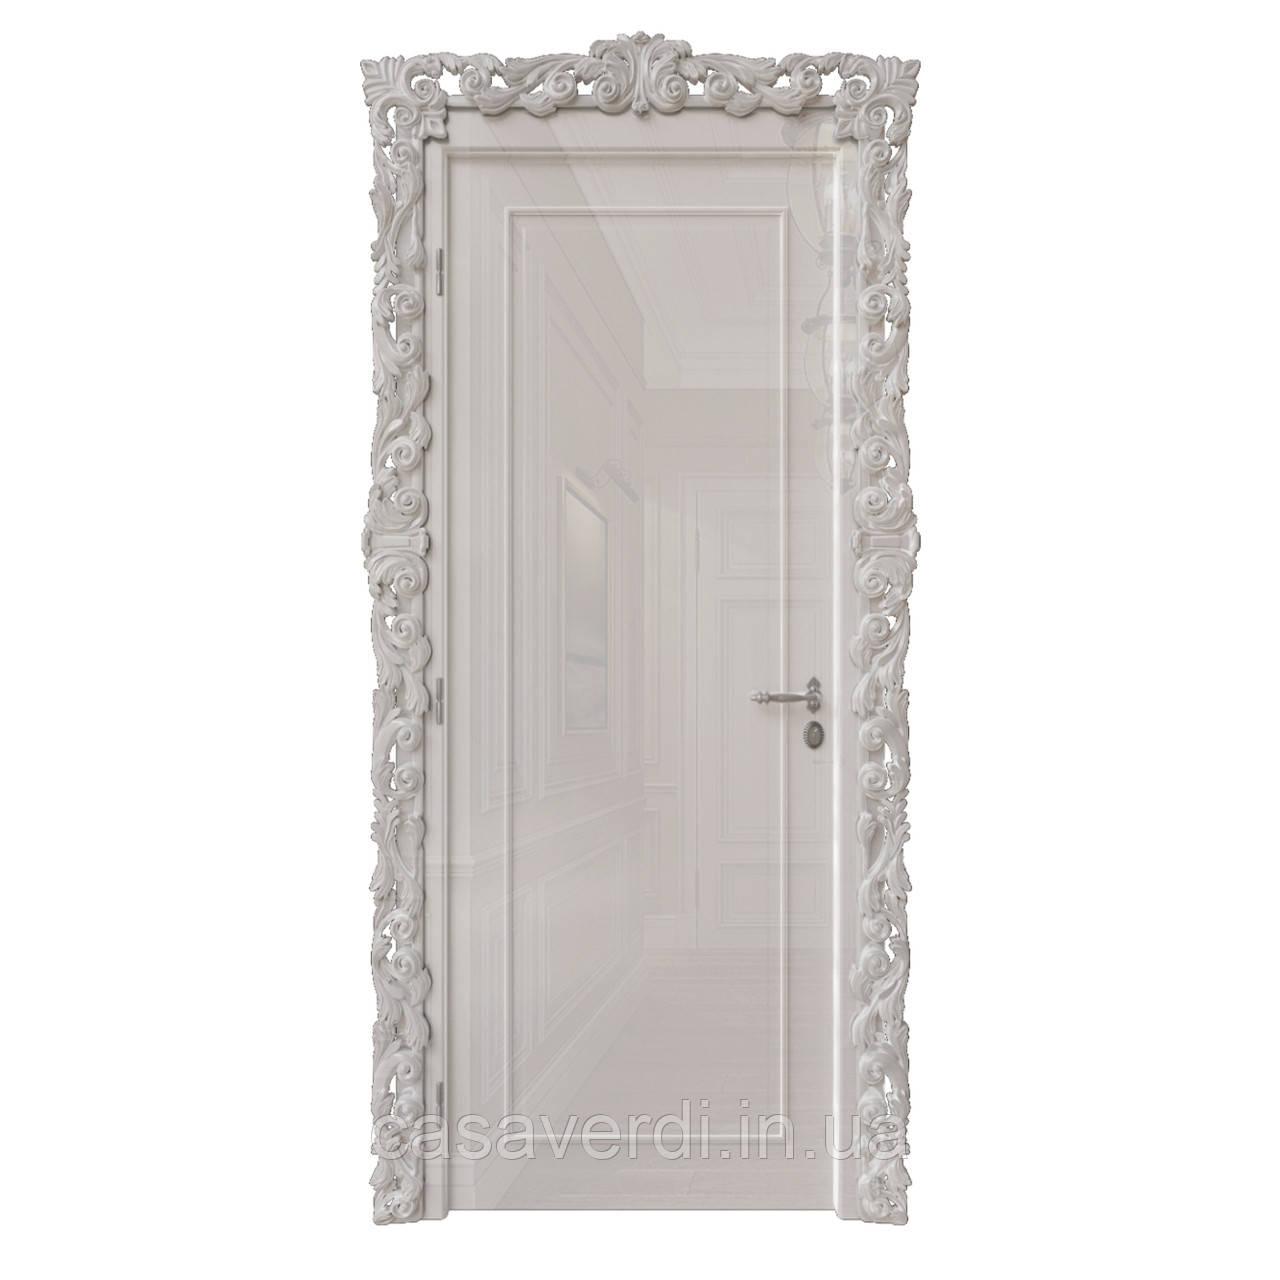 Межкомнатная дверь Casa Verdi  Filetto 6 МДФ светло-серая